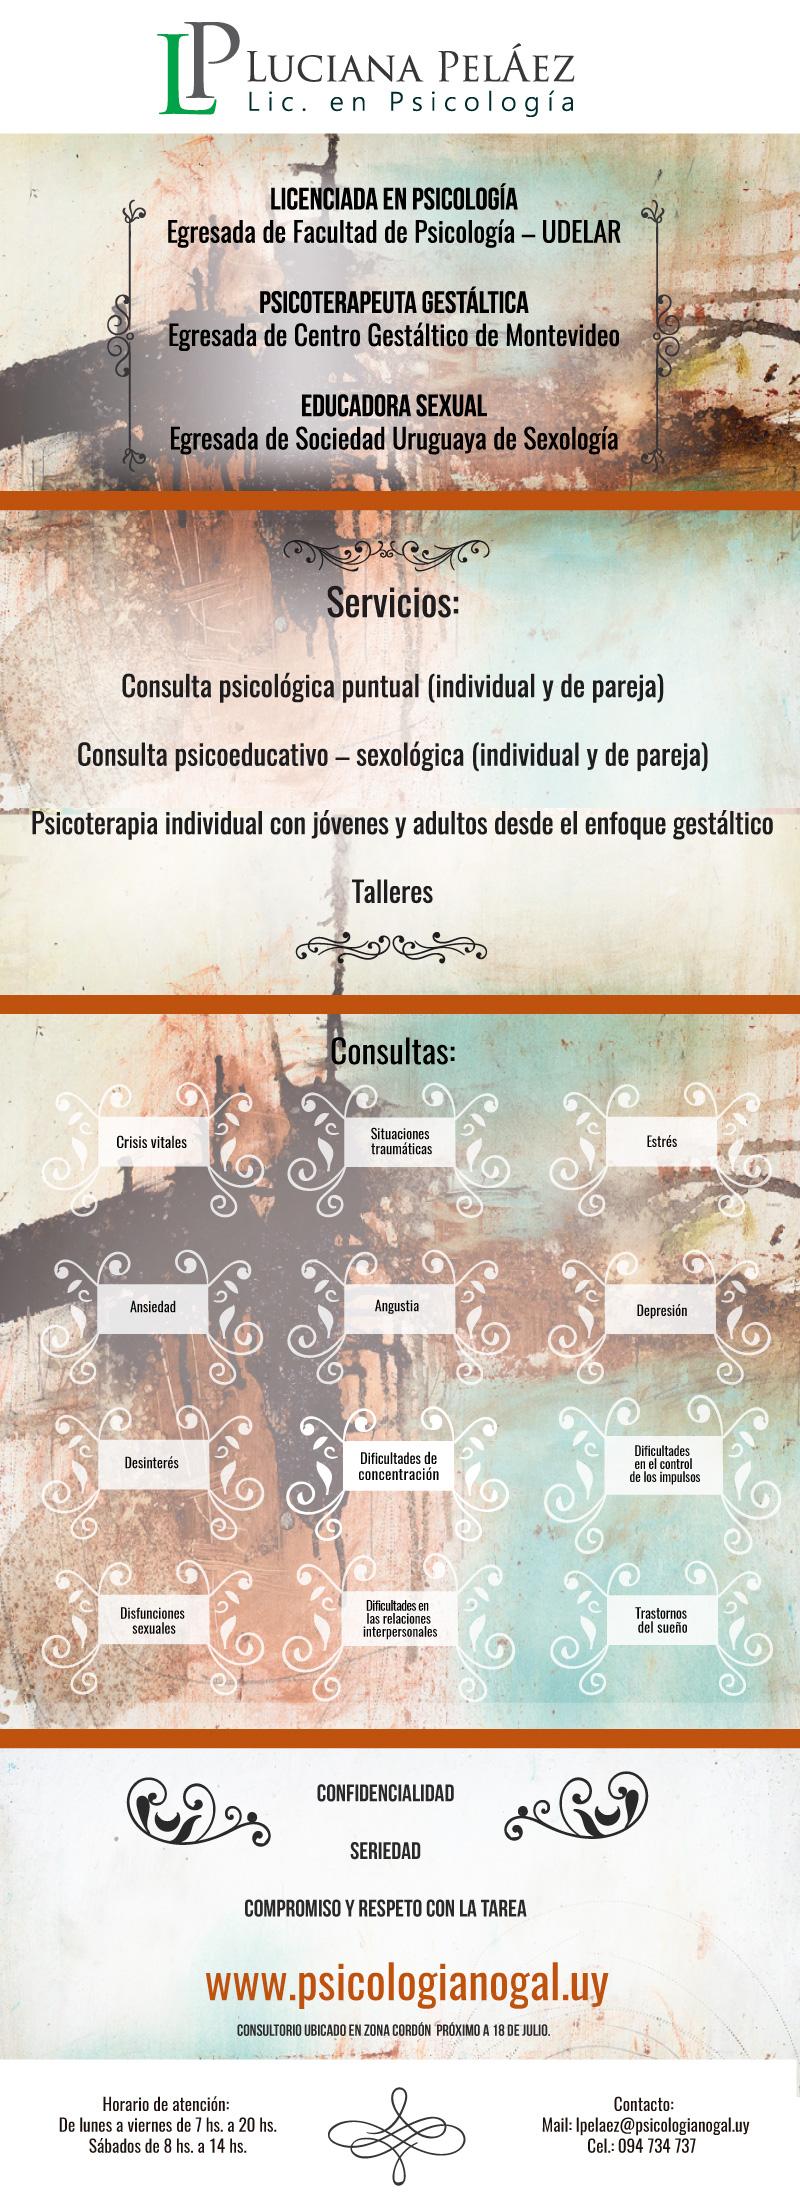 Luciana Peláez - Psicología y Educación sexual